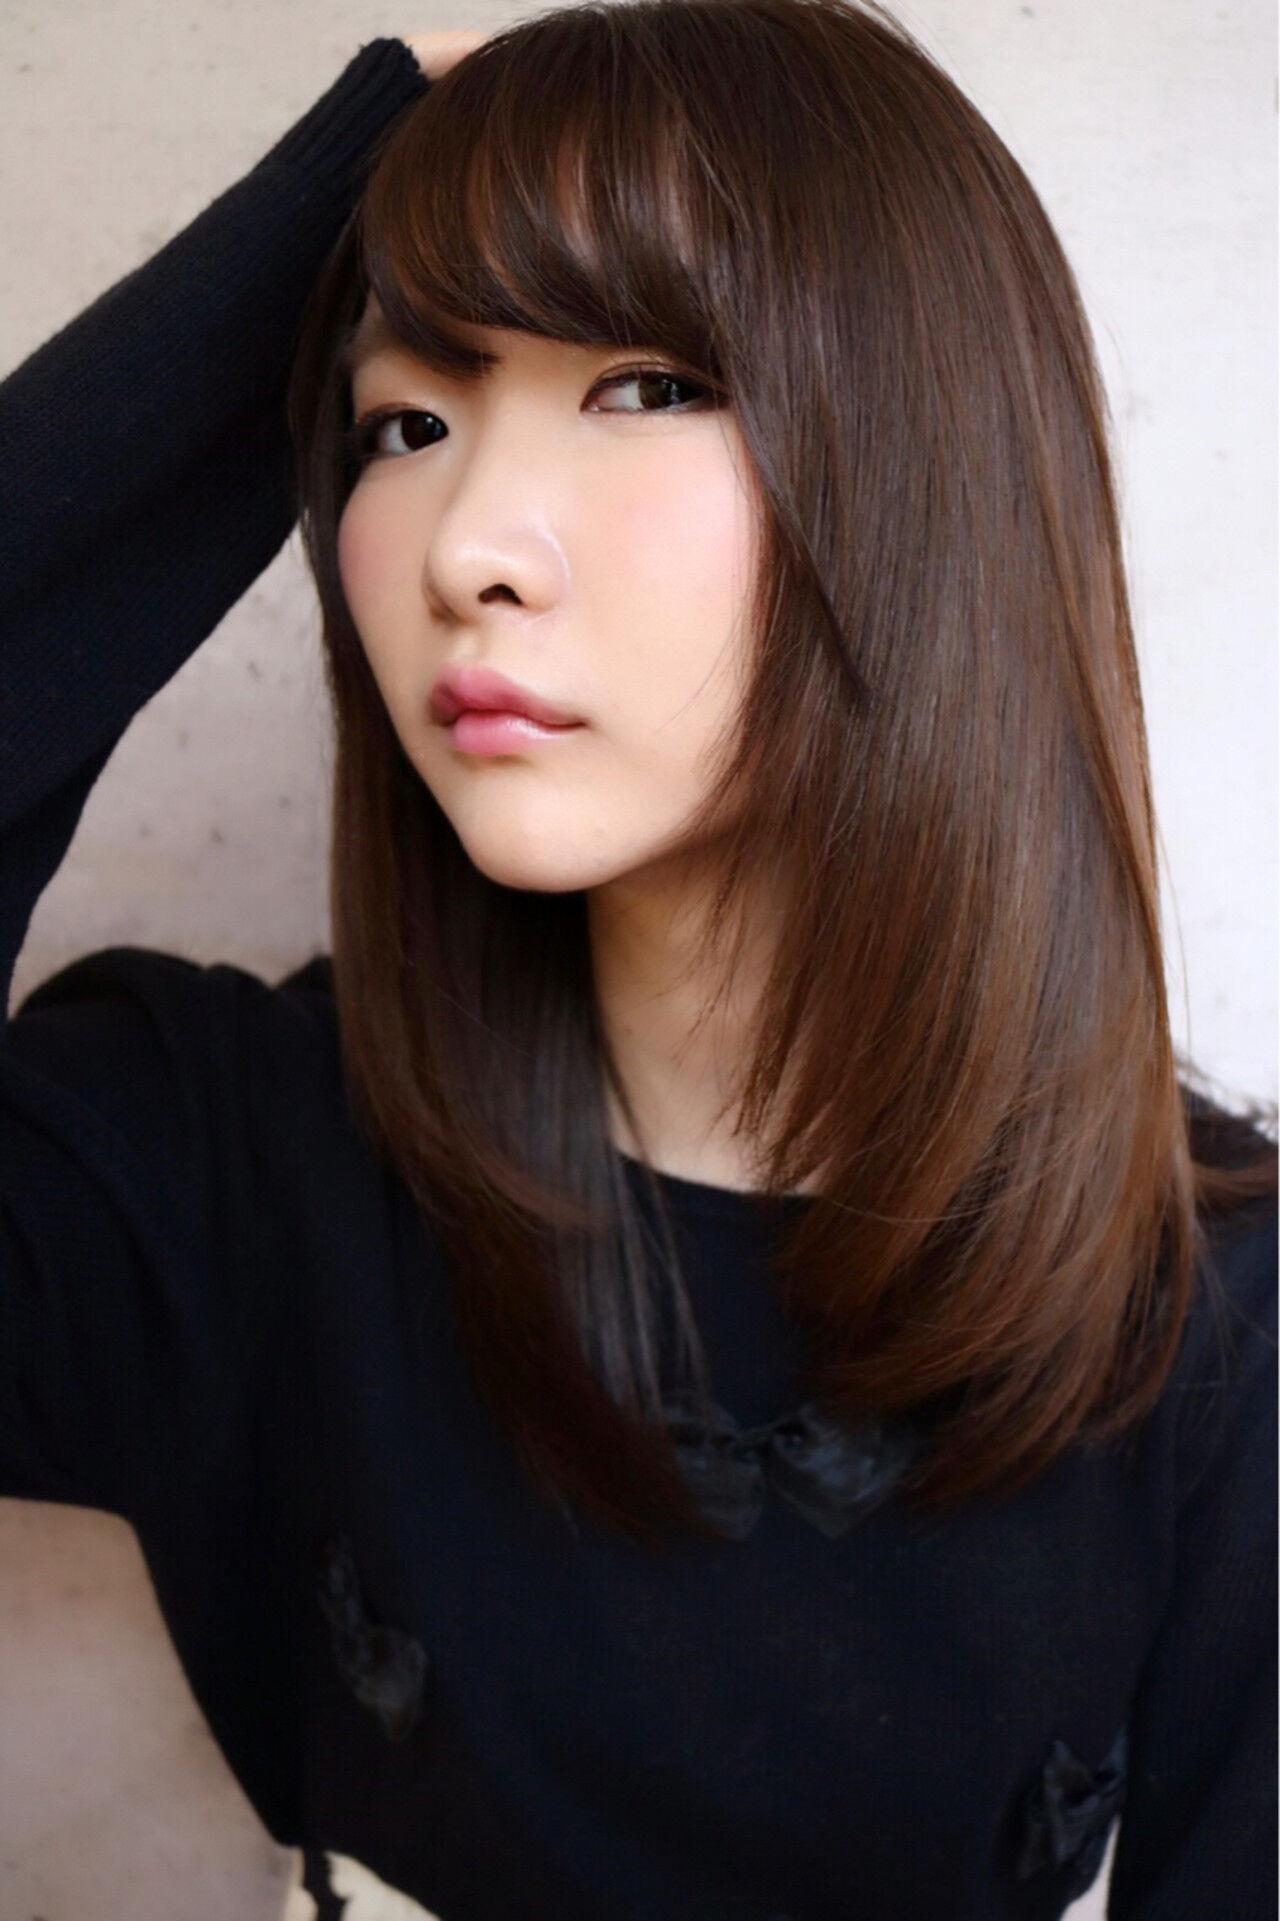 前髪あり フェミニン ナチュラル ロングヘアスタイルや髪型の写真・画像